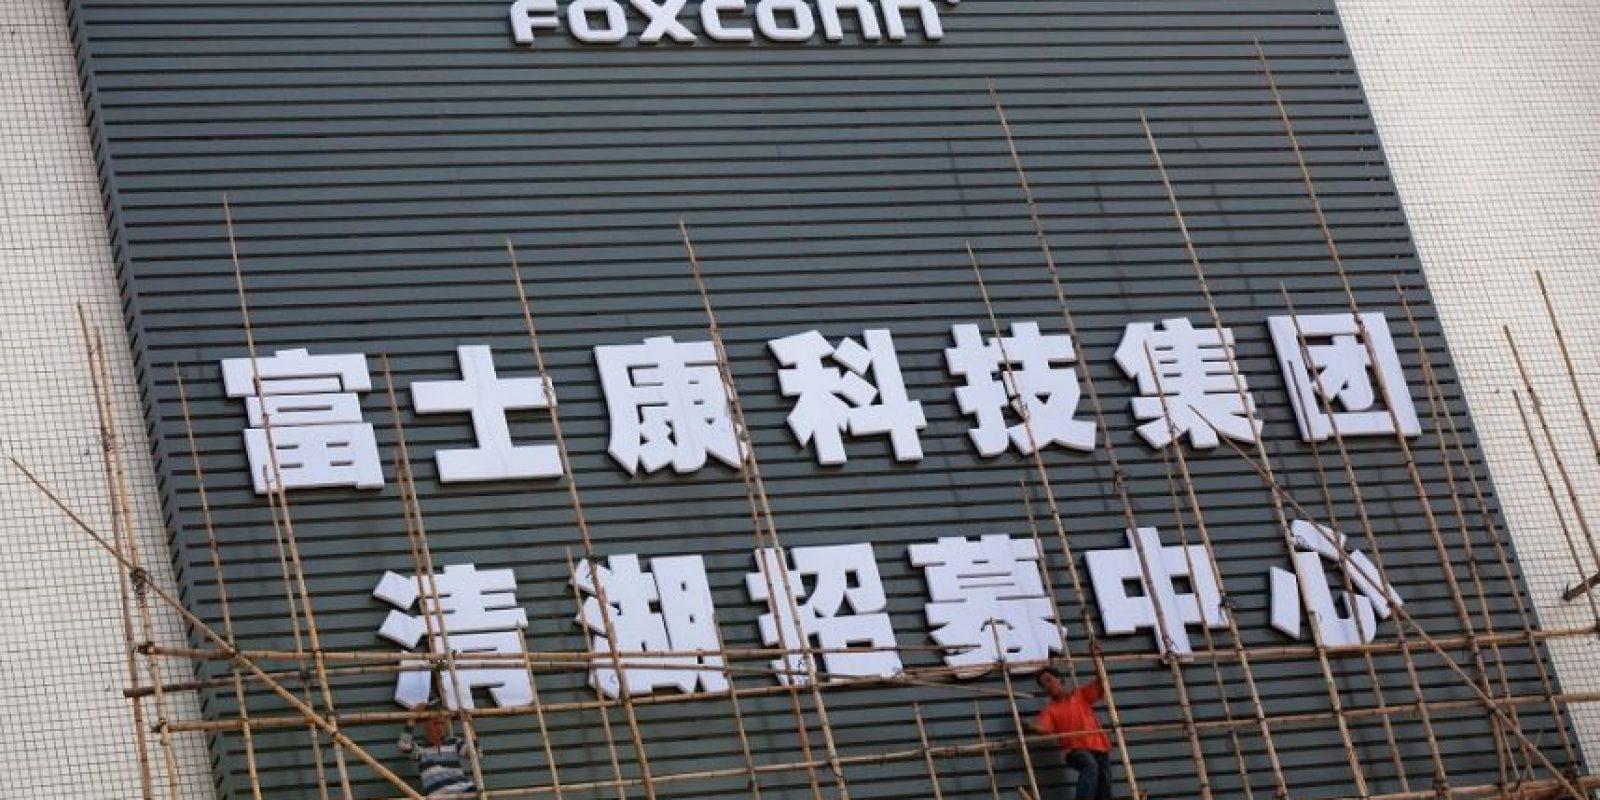 """Protesta """"suicida"""", En 2012, la compañía fue acusada de la explotación de más de 70,000 trabajadores chinos en la fábrica de Foxconn. Una auditoría detalló preocupaciones """"graves y urgentes"""" sobre el exceso de horas de trabajo, horas extras no pagadas, la salud y fallos de seguridad. Unos 150 trabajadores amenazaron con suicidarse saltando desde el tejado de la fábrica en protesta por sus condiciones. Foto:Fuente externa"""